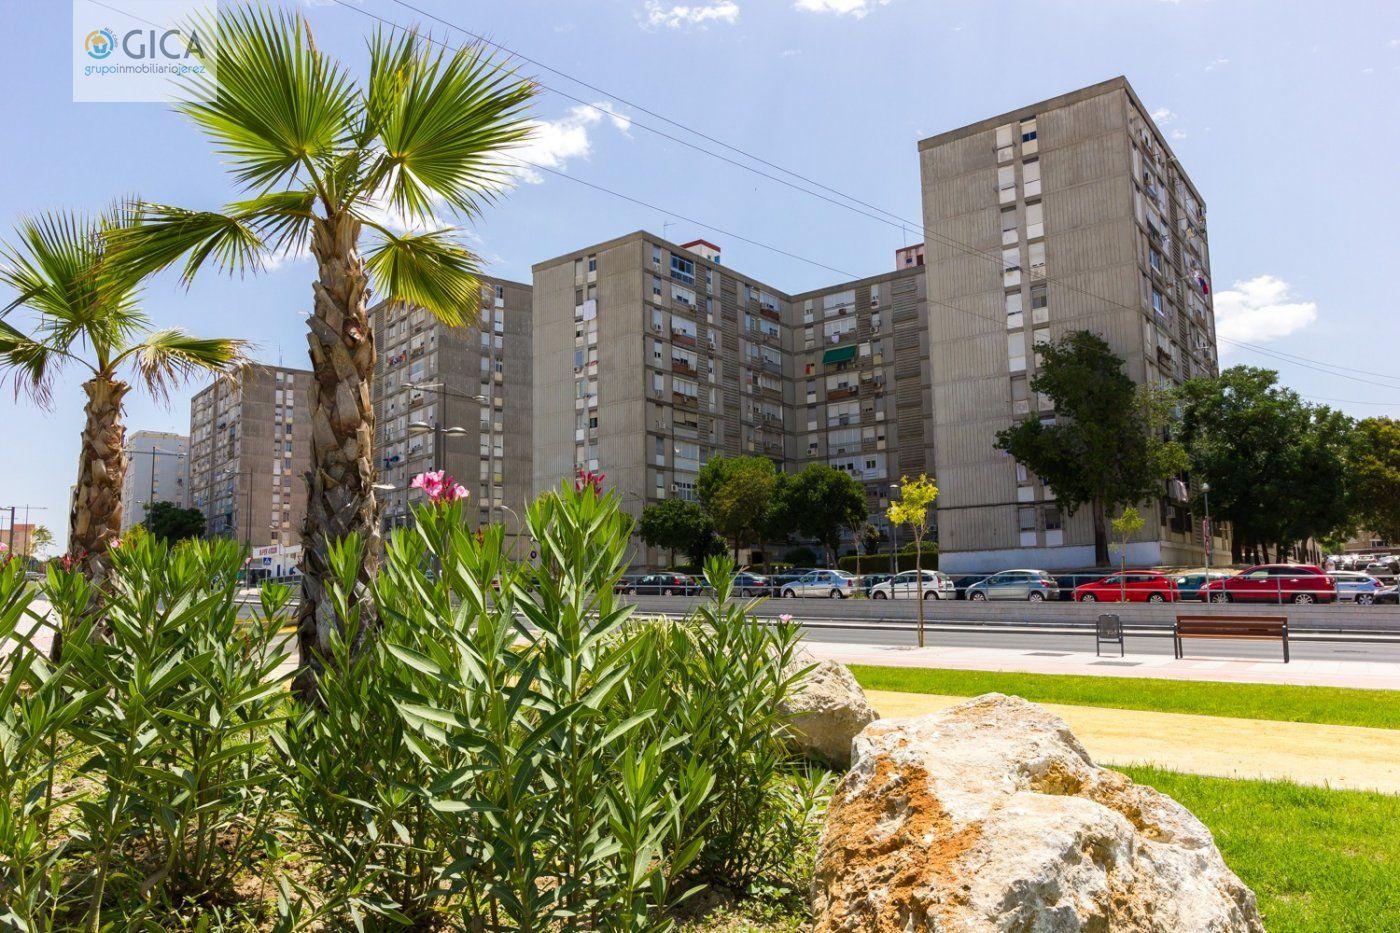 OPORTUNIDAD DE PLANTA BAJA POR 42.000 EUROS!!  Magnifica Ubicación !!